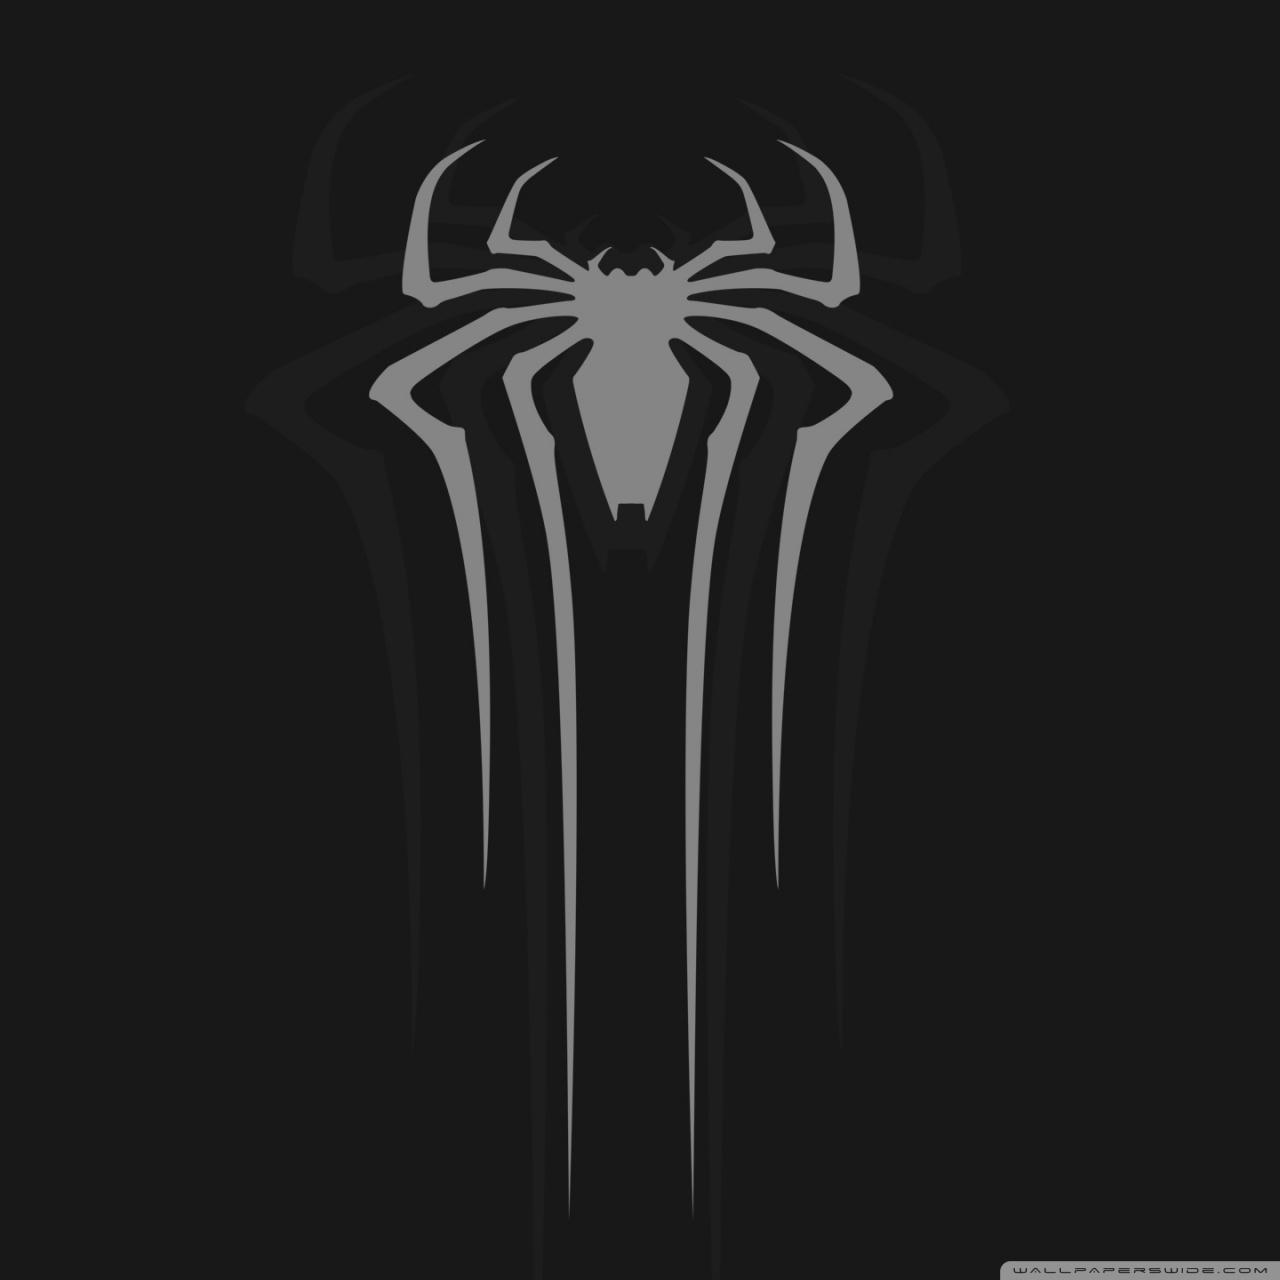 spider-man white ❤ 4k hd desktop wallpaper for 4k ultra hd tv